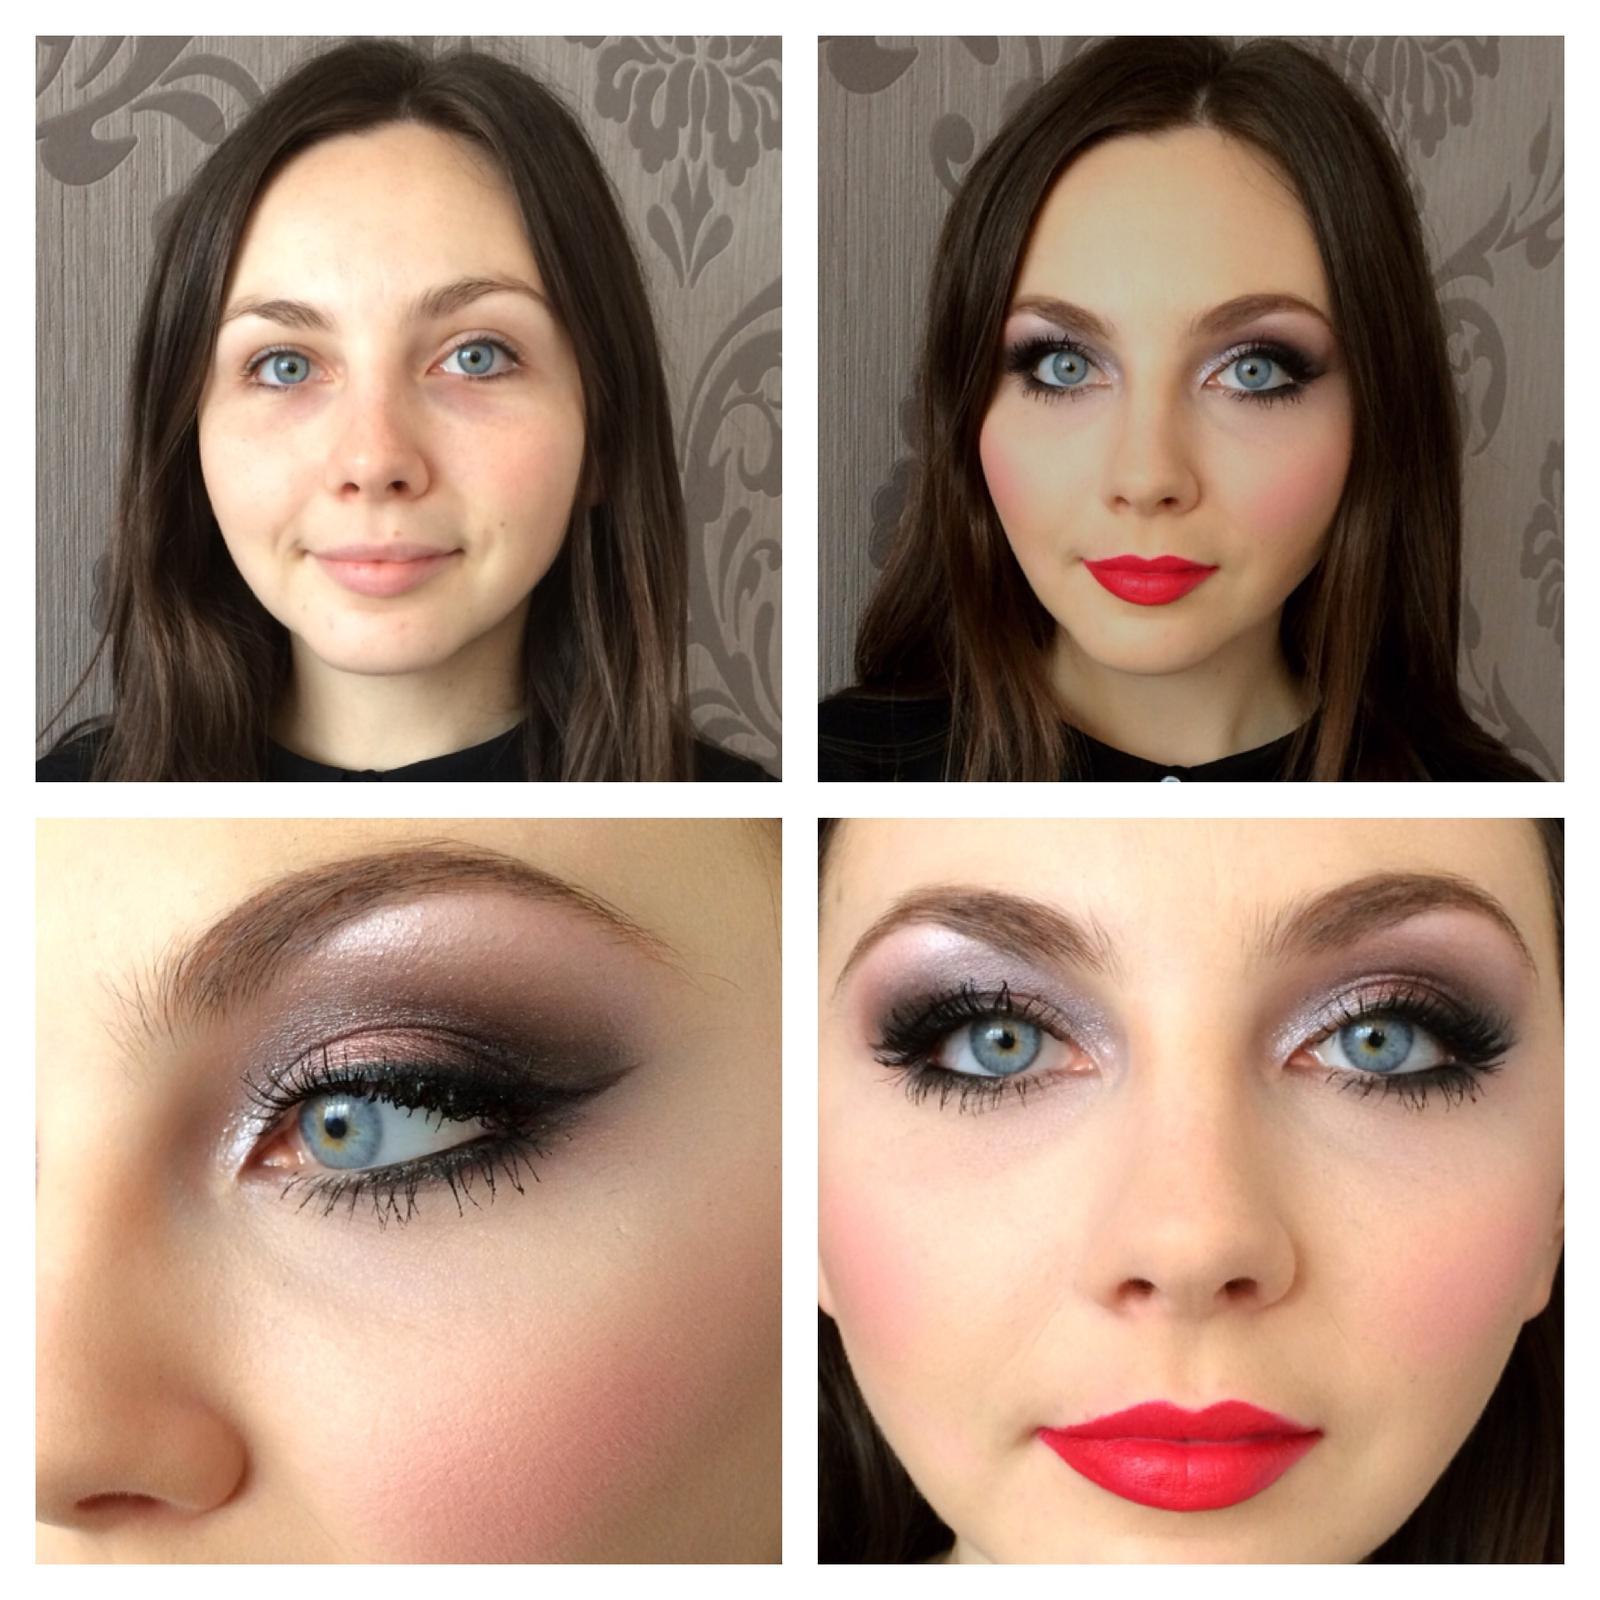 tatar_kriszta_makeup - Obrázok č. 6